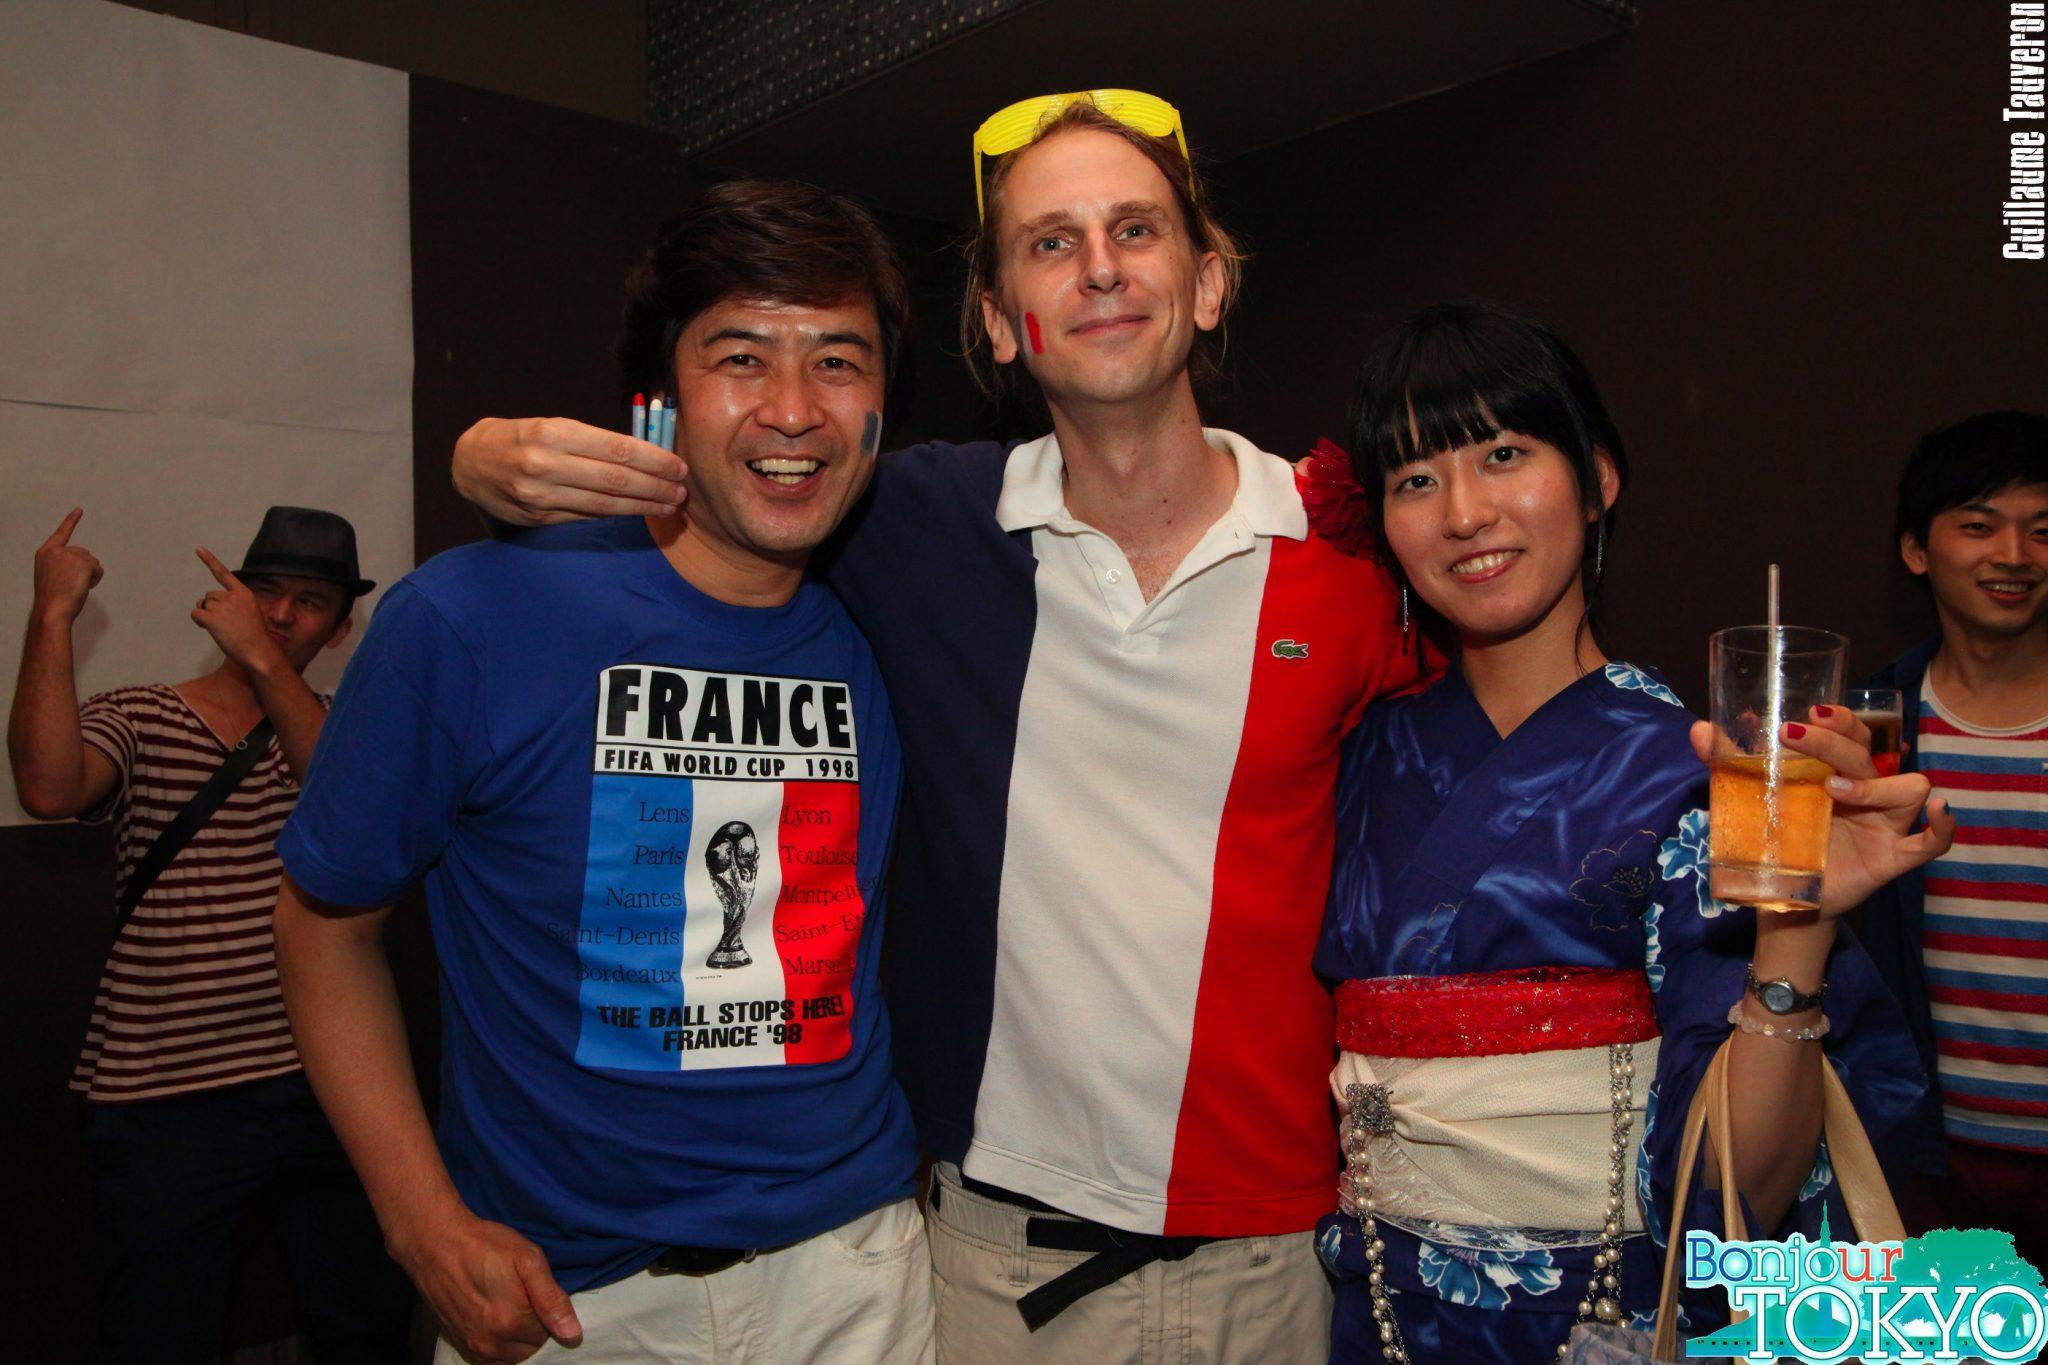 bonjour-tokyo-france-japan